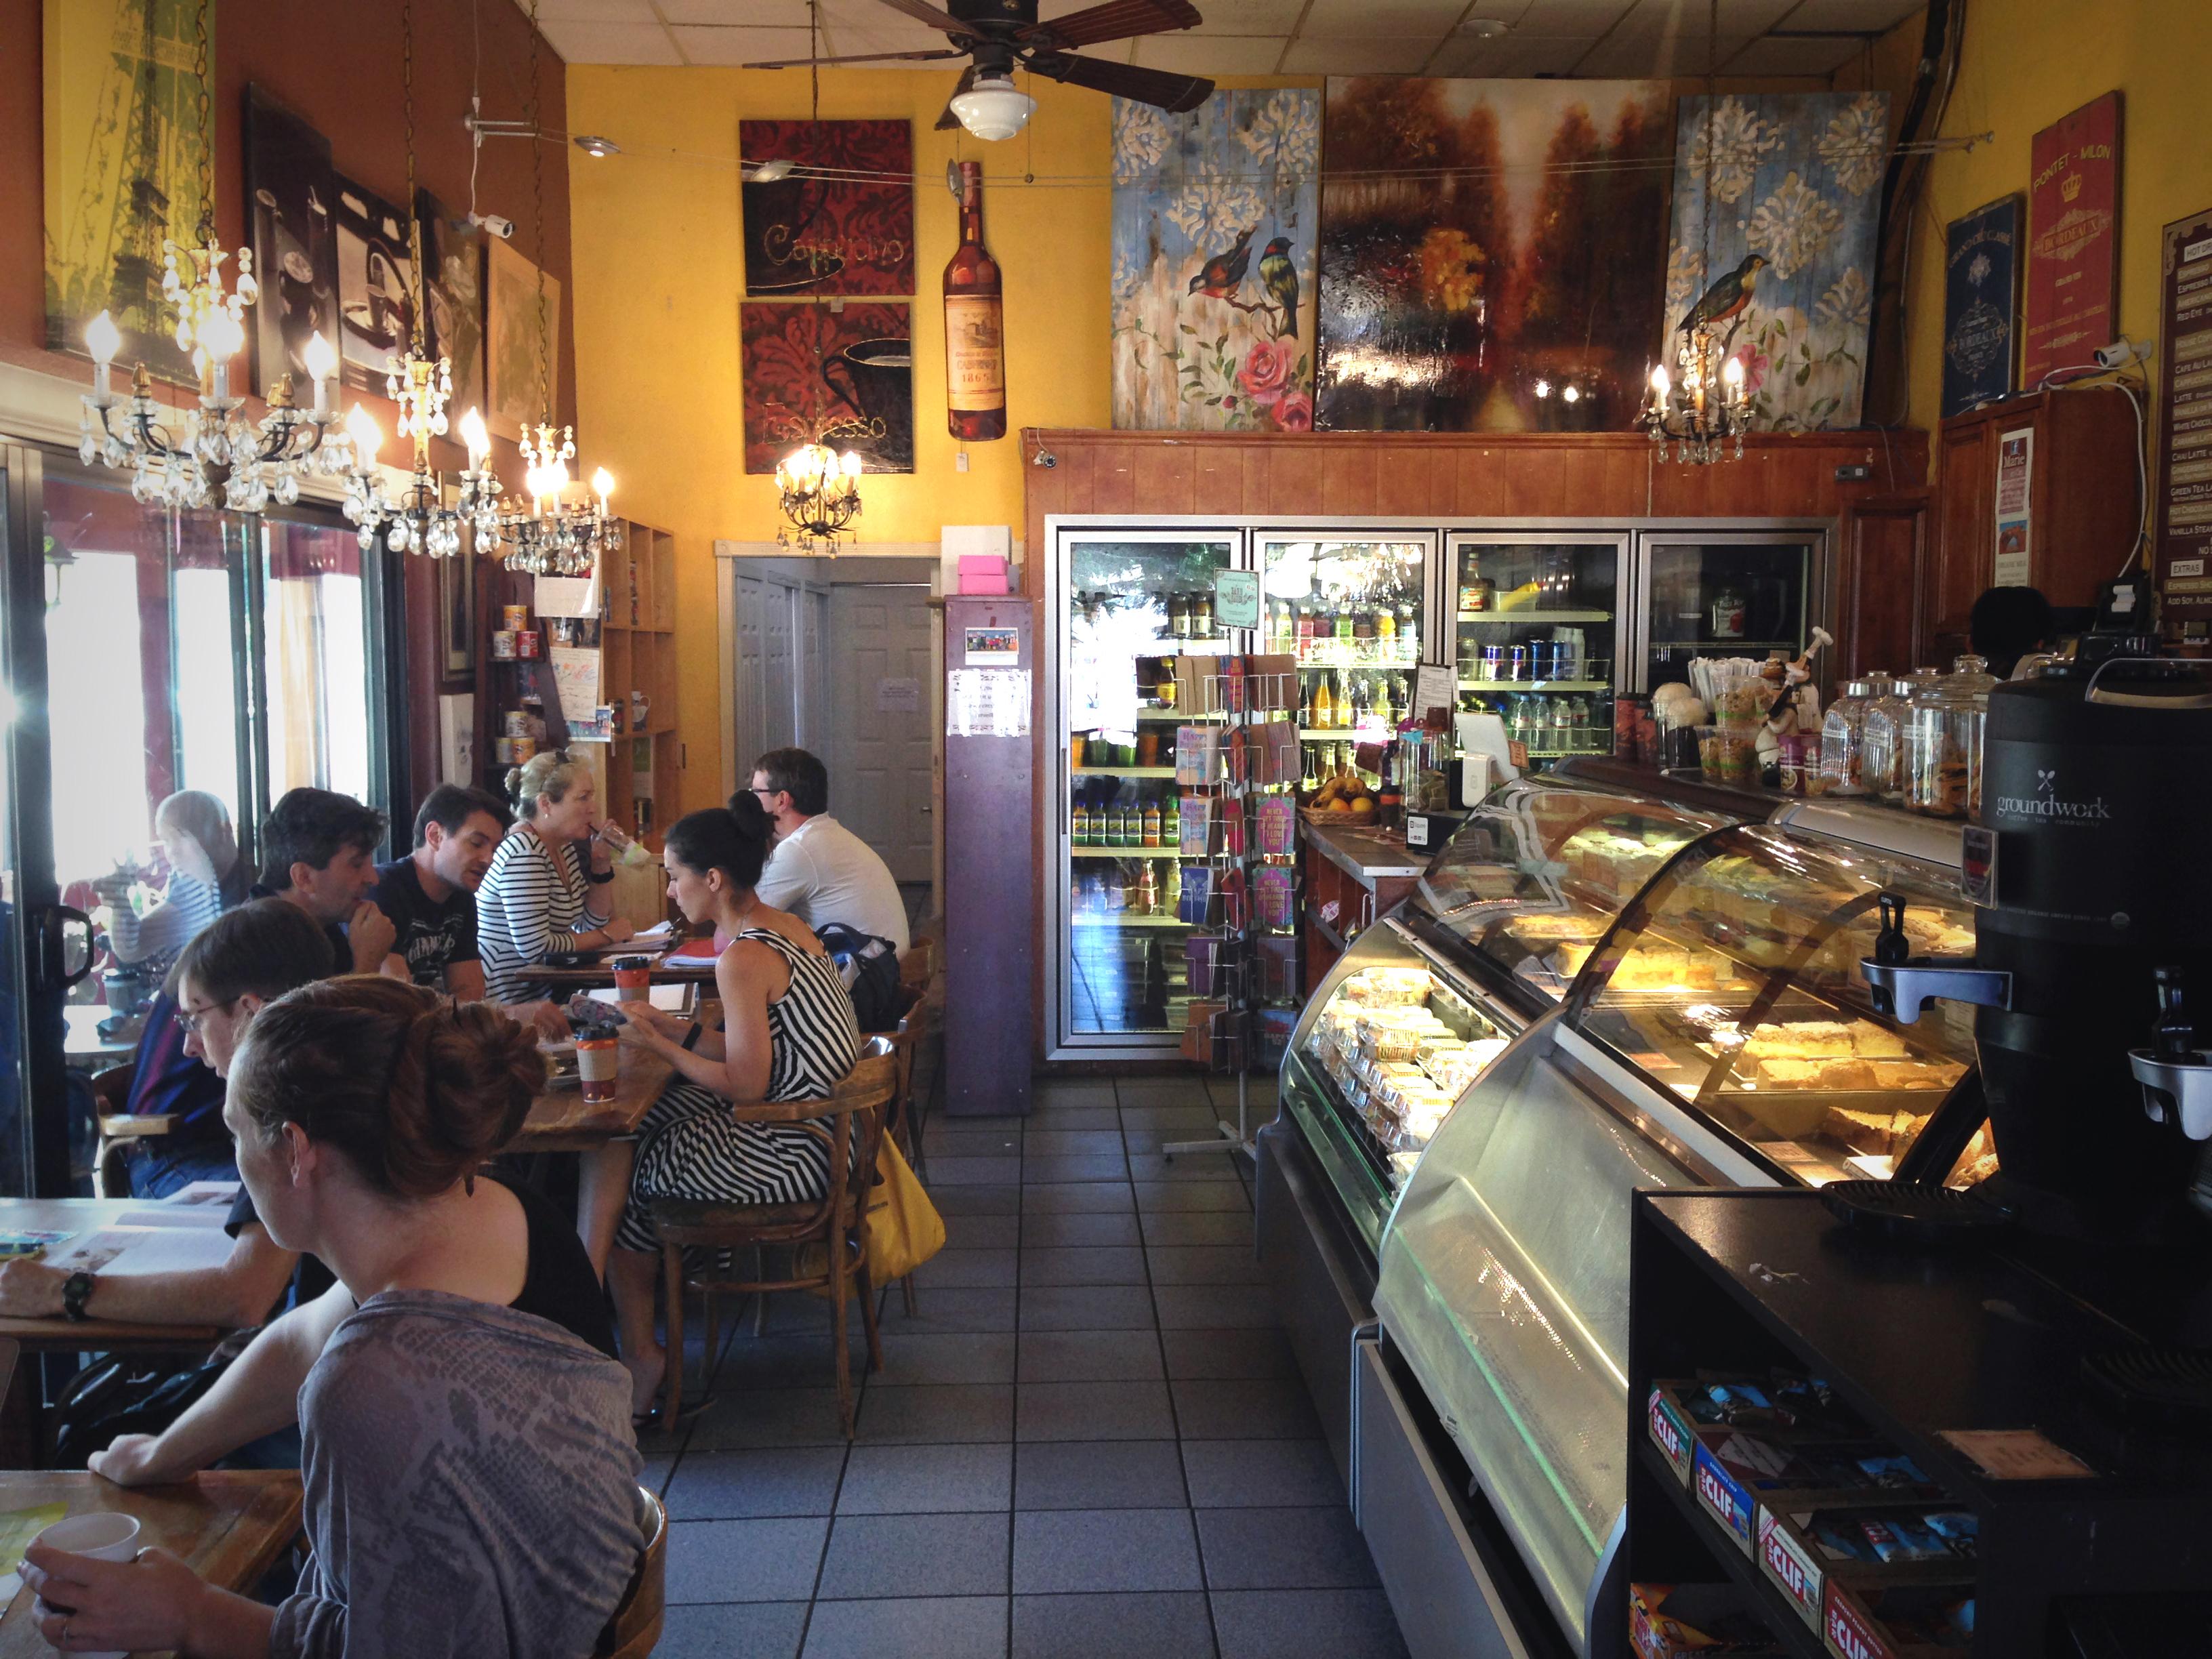 marie-et-cie-cafe-interior-horizontal.jpg